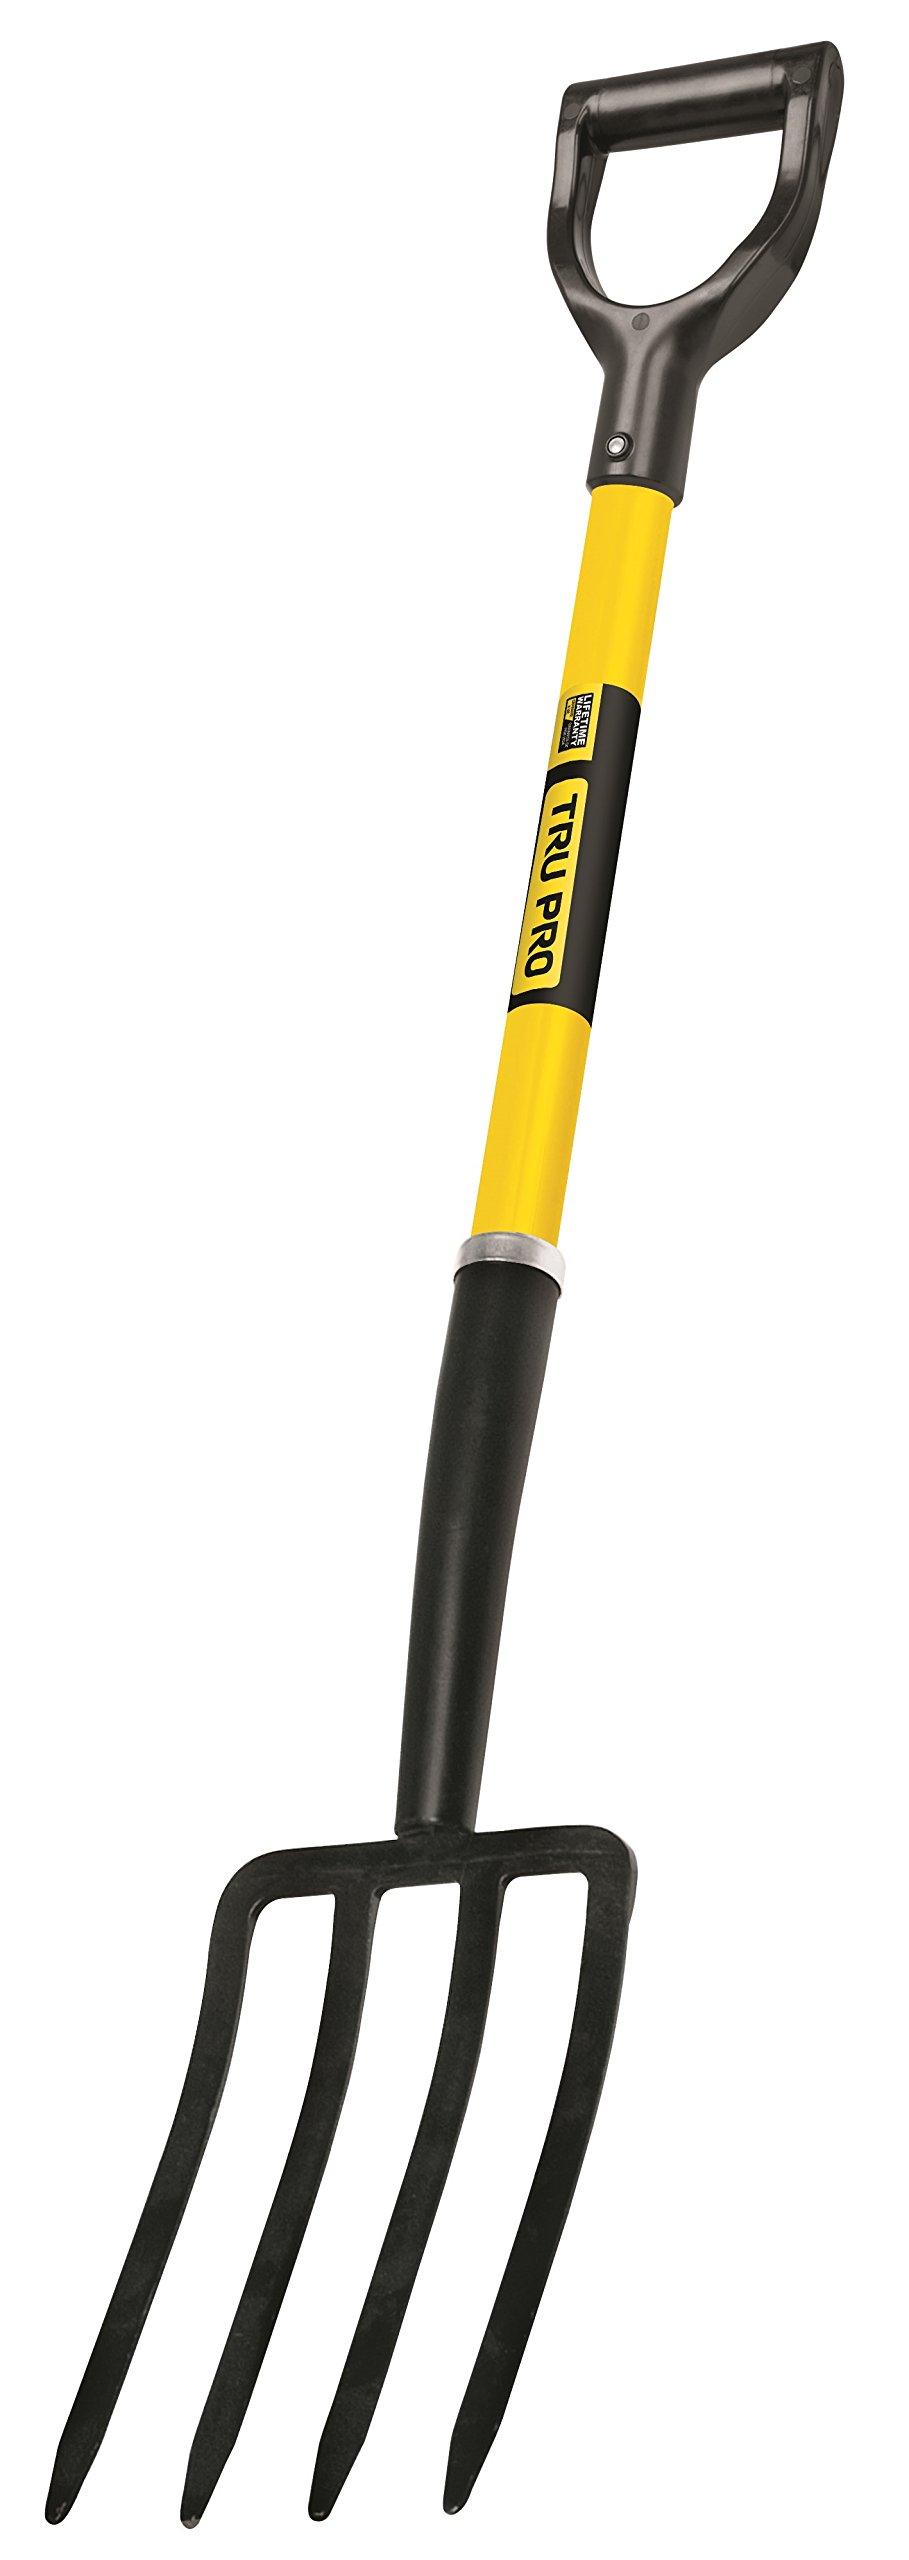 Truper 30299 Tru Pro Spading Fork, 4-Tine, Fiberglass D-Handle, 30-Inch